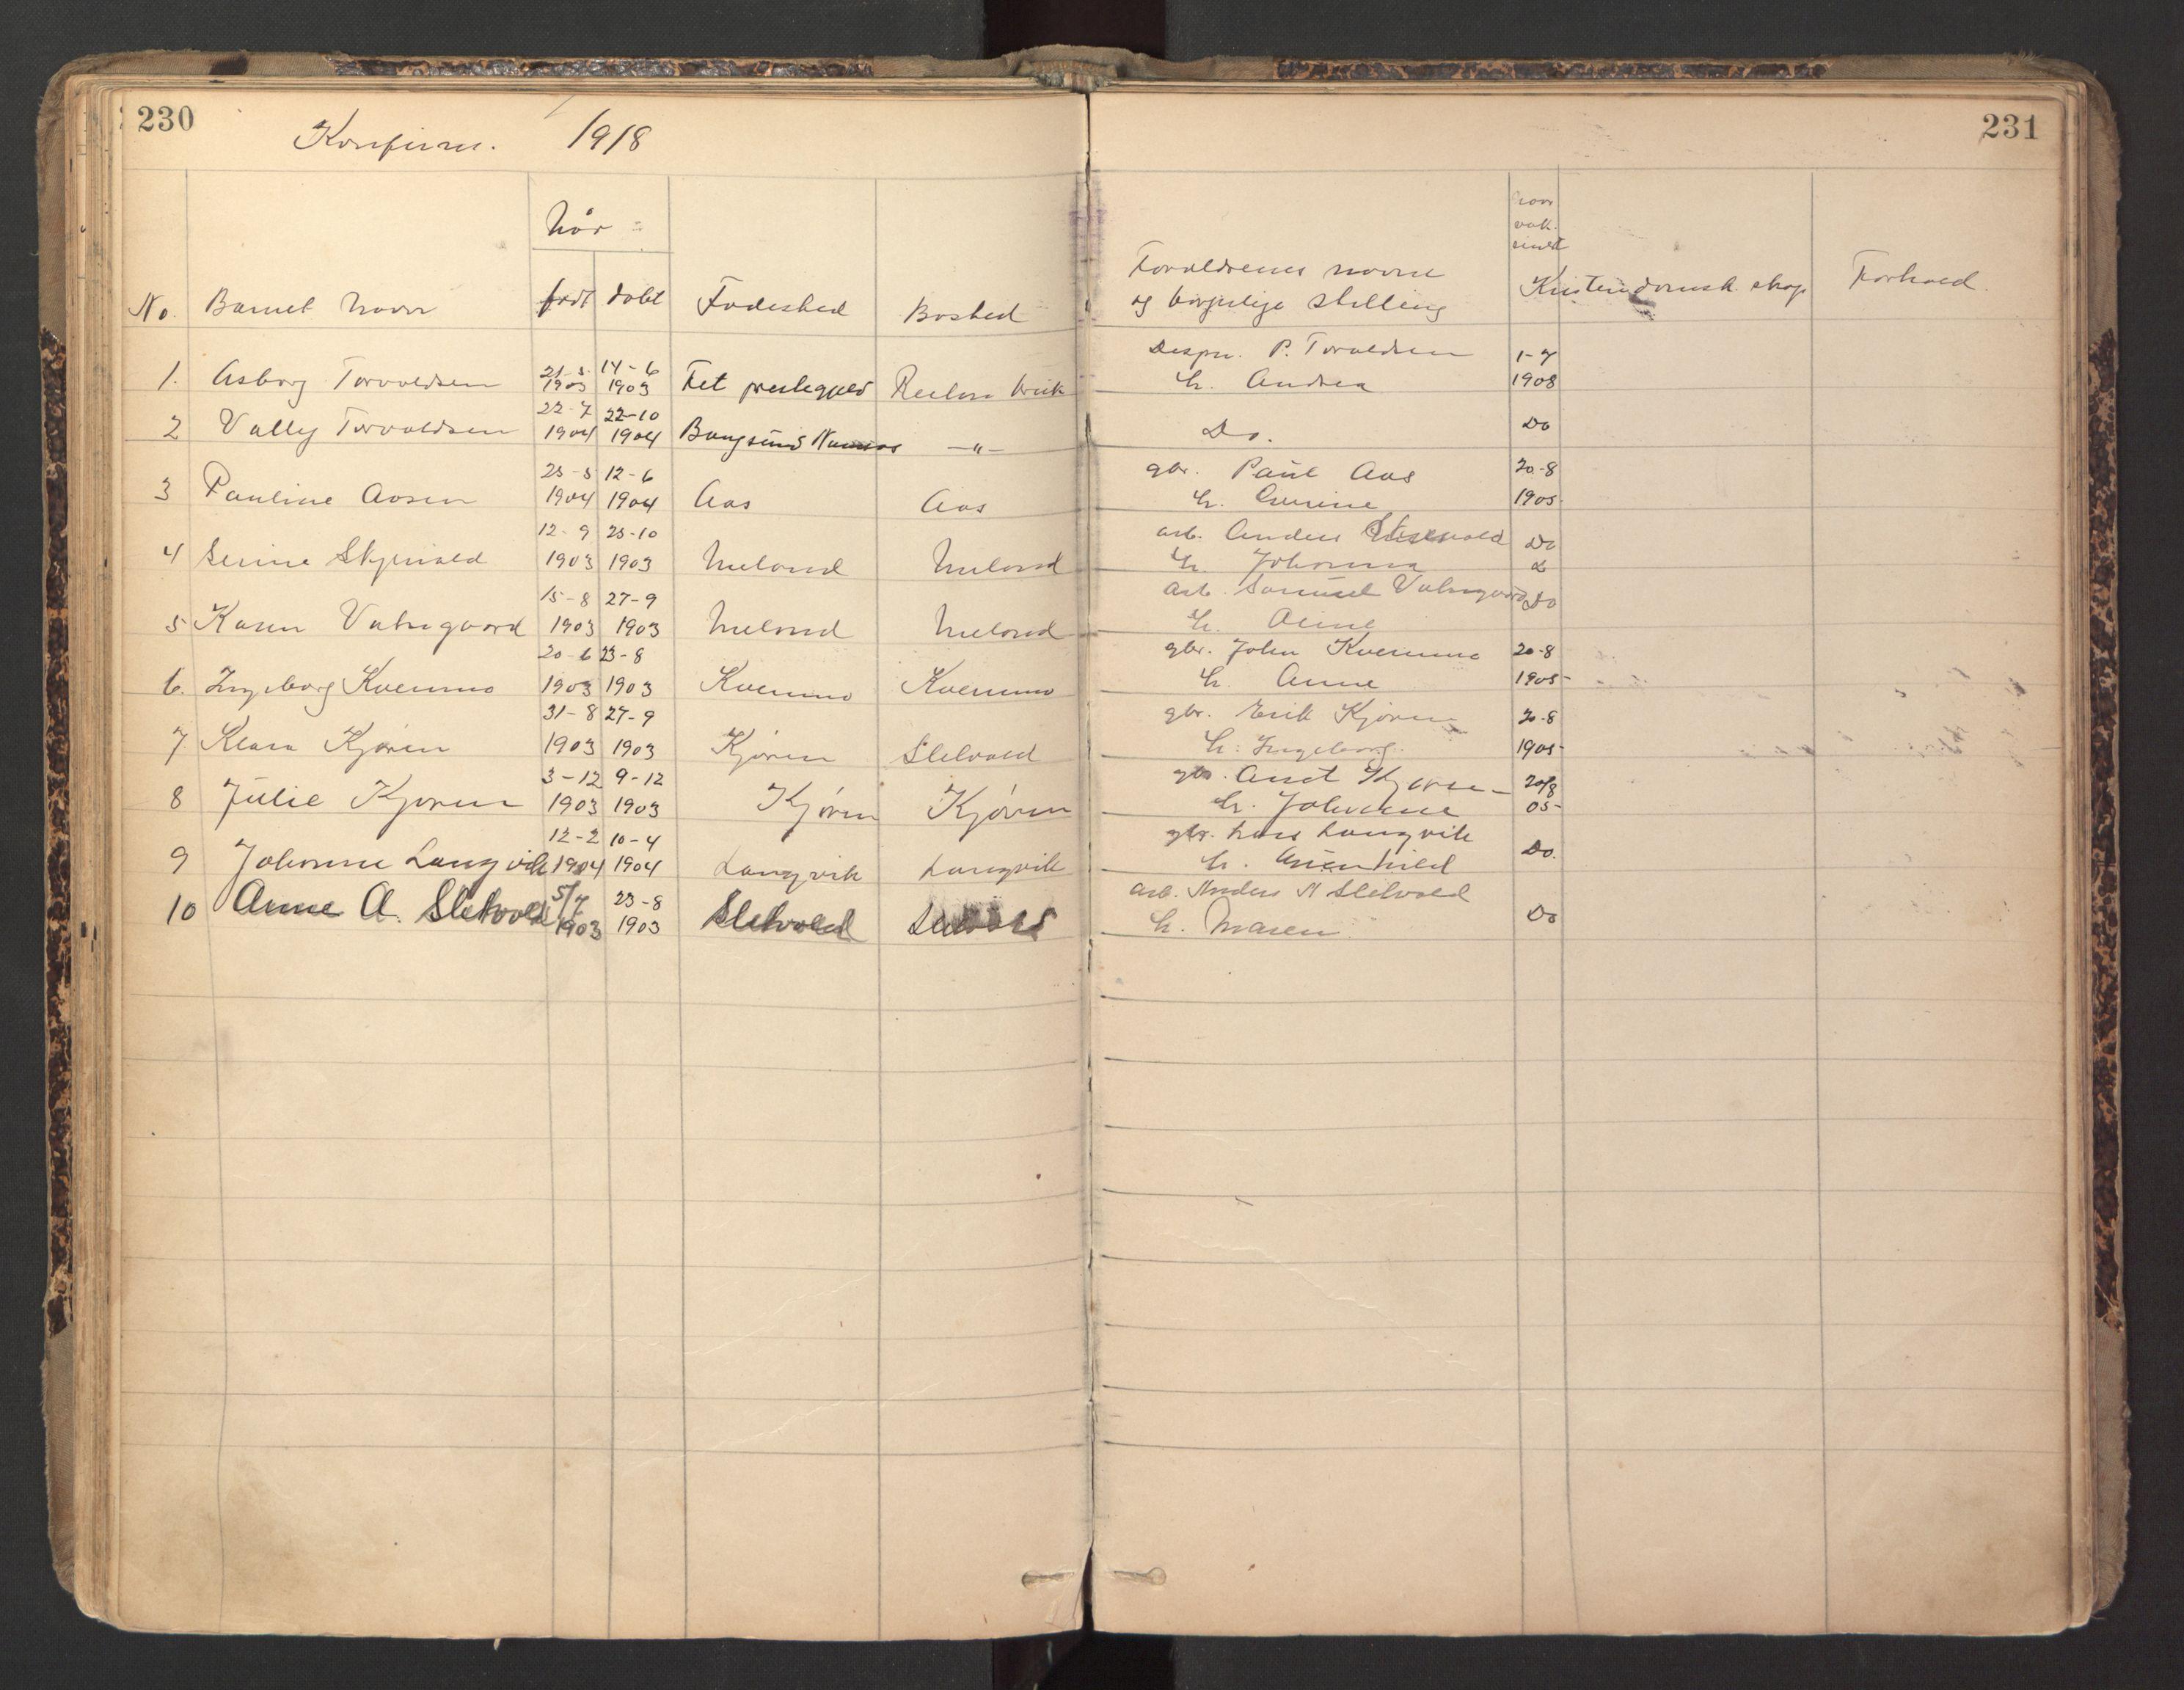 SAT, Ministerialprotokoller, klokkerbøker og fødselsregistre - Sør-Trøndelag, 670/L0837: Klokkerbok nr. 670C01, 1905-1946, s. 230-231